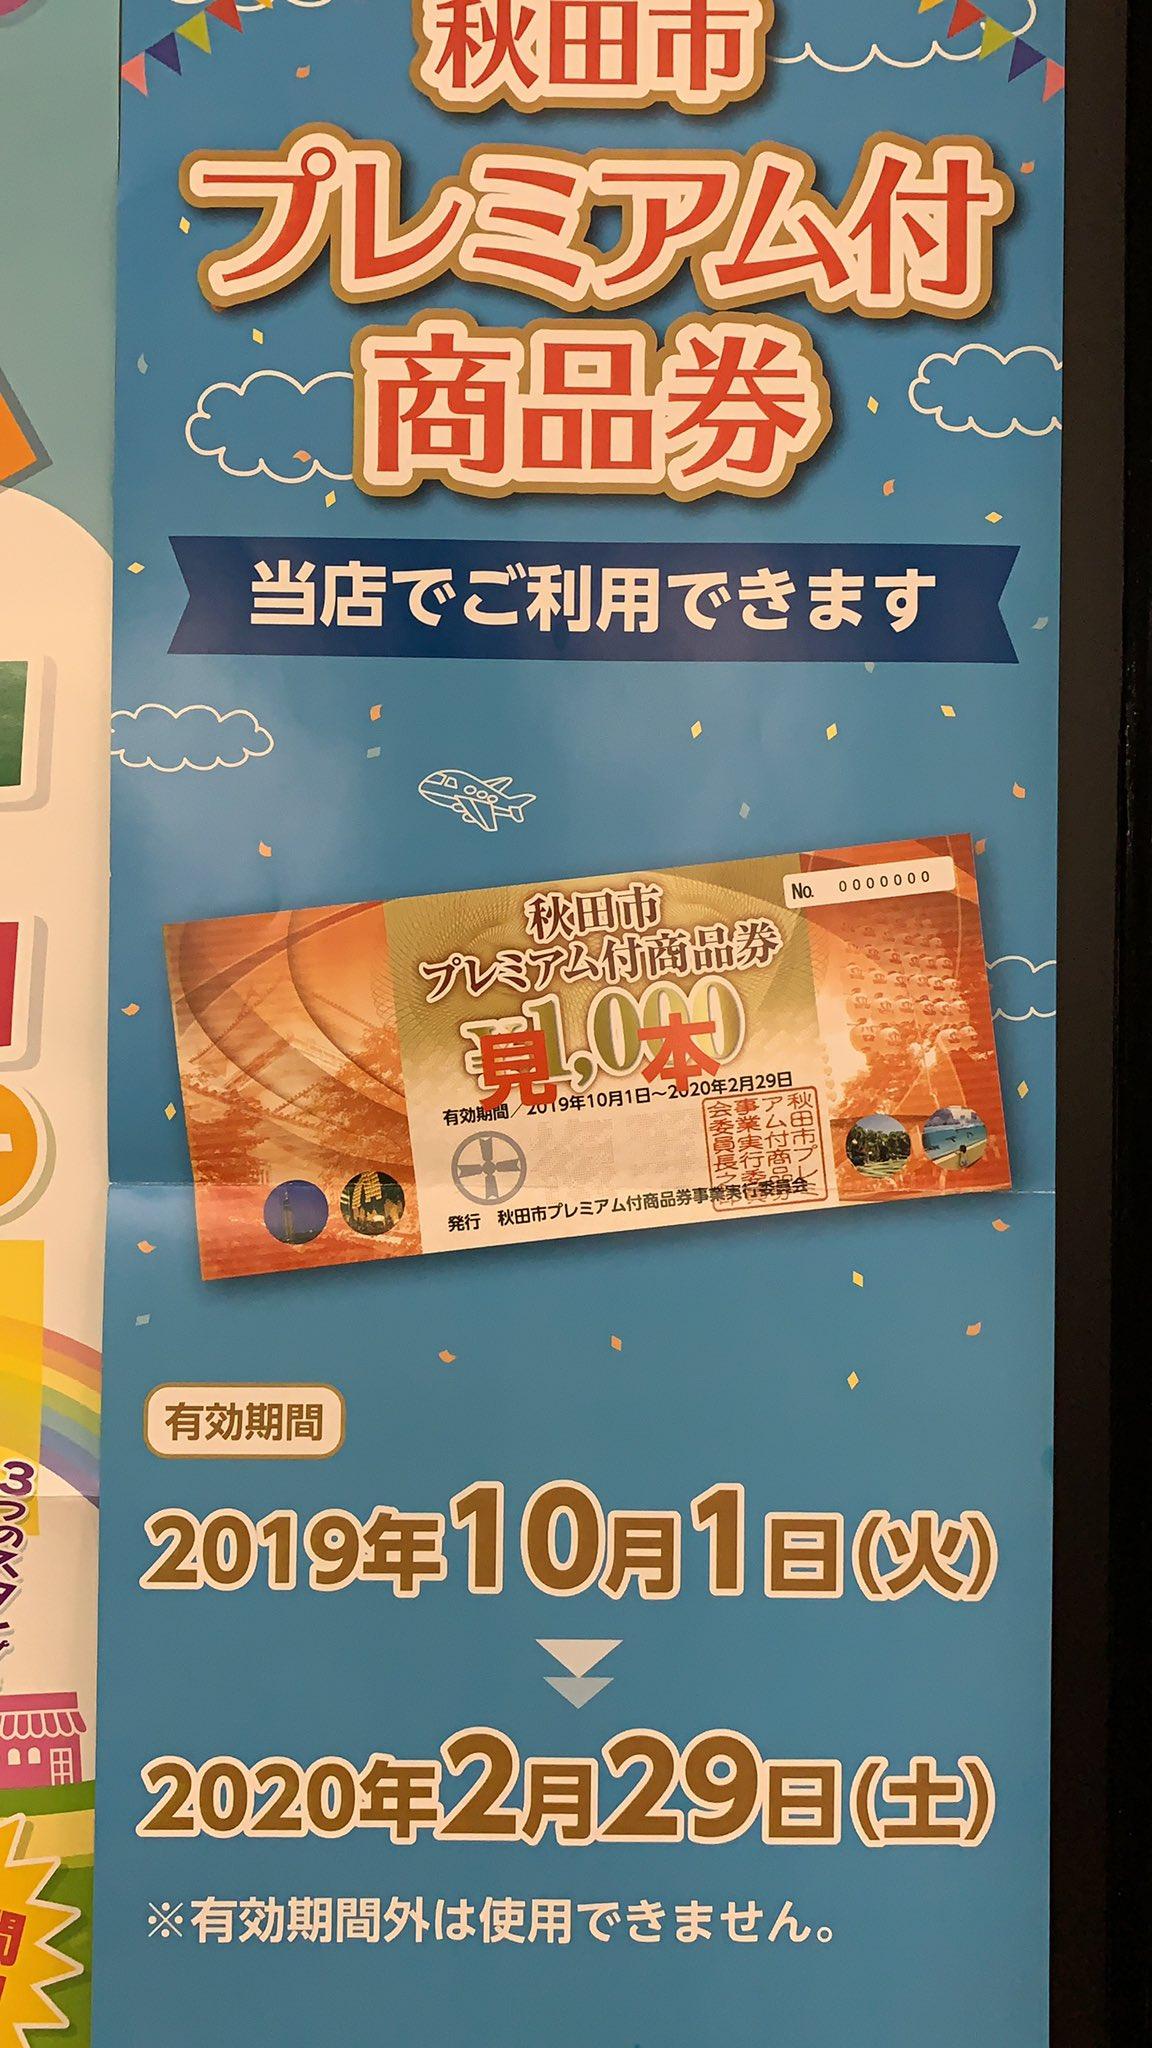 商品 券 市 プレミアム 秋田